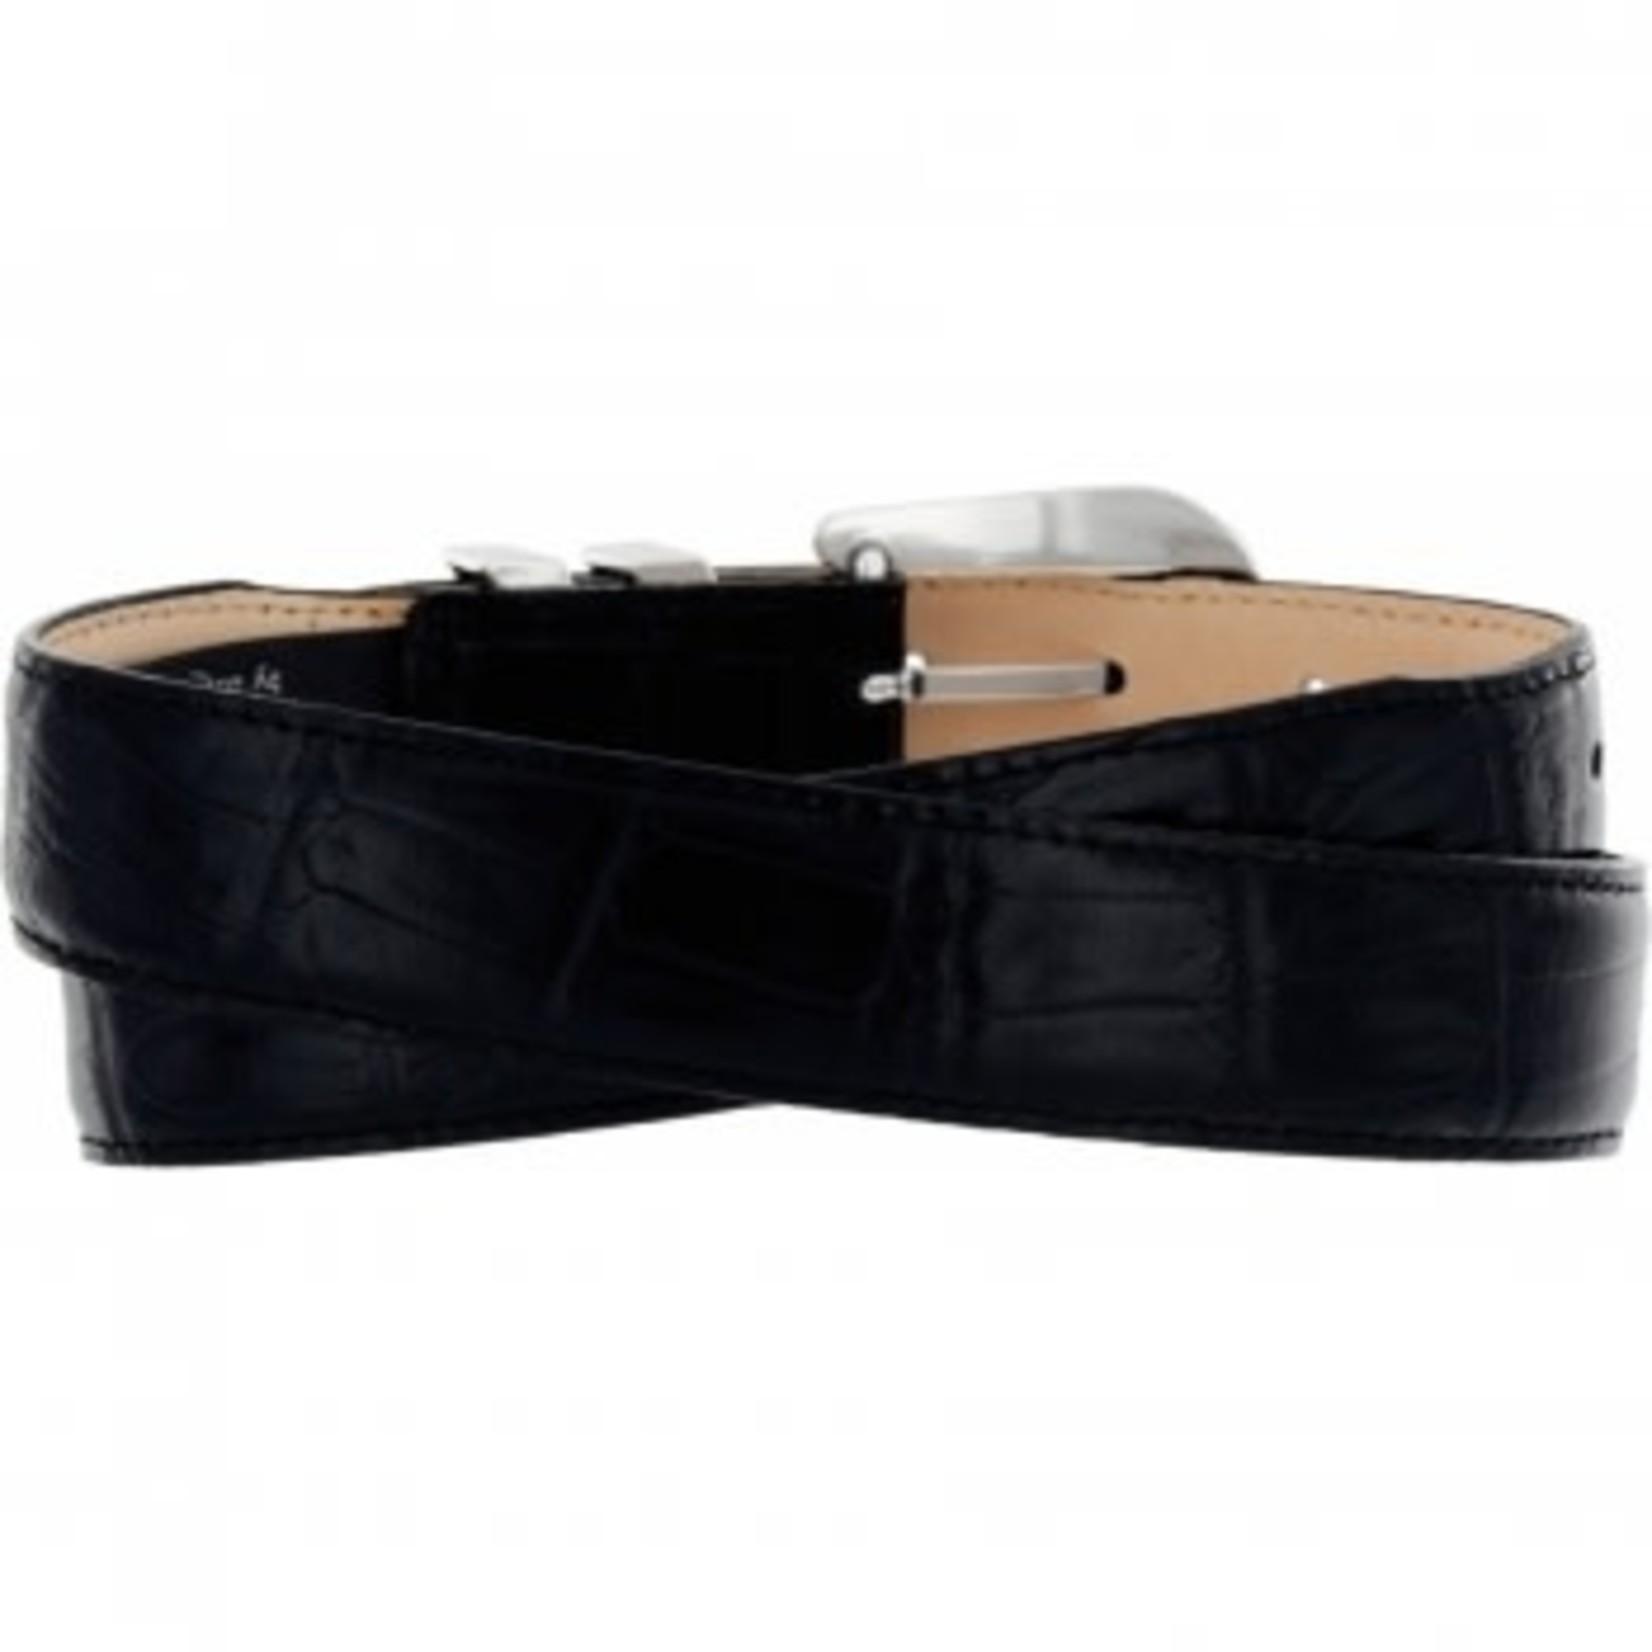 Brighton Catera Taper Crocodile Belt  in Black Size 34